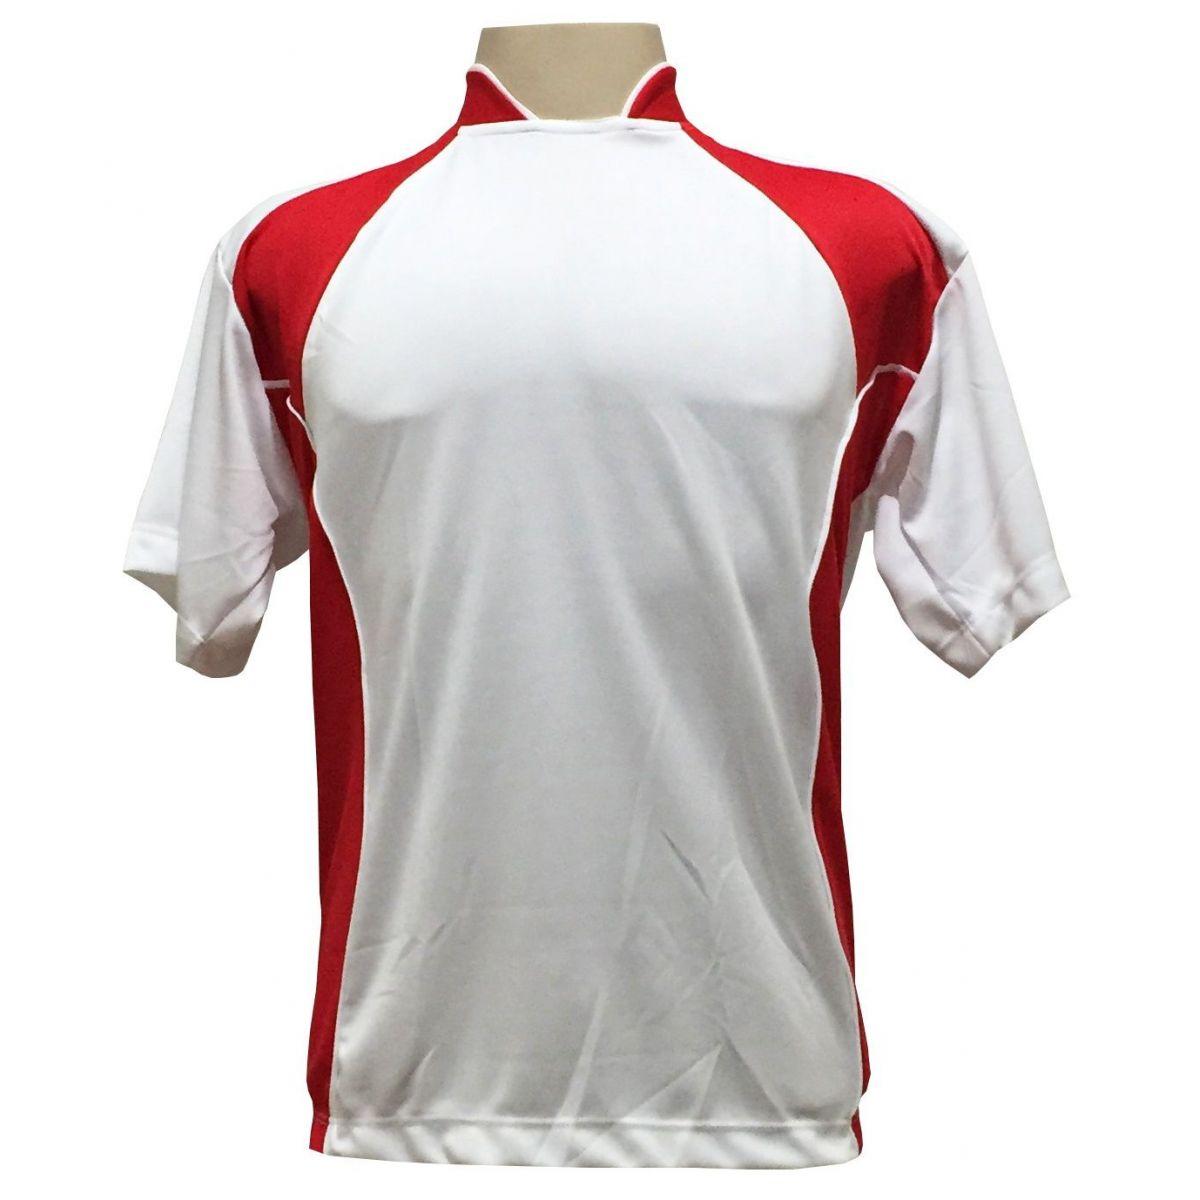 Uniforme Esportivo com 14 camisas modelo Suécia Branco/Vermelho + 14 calções modelo Madrid Branco + 14 pares de meiões Branco